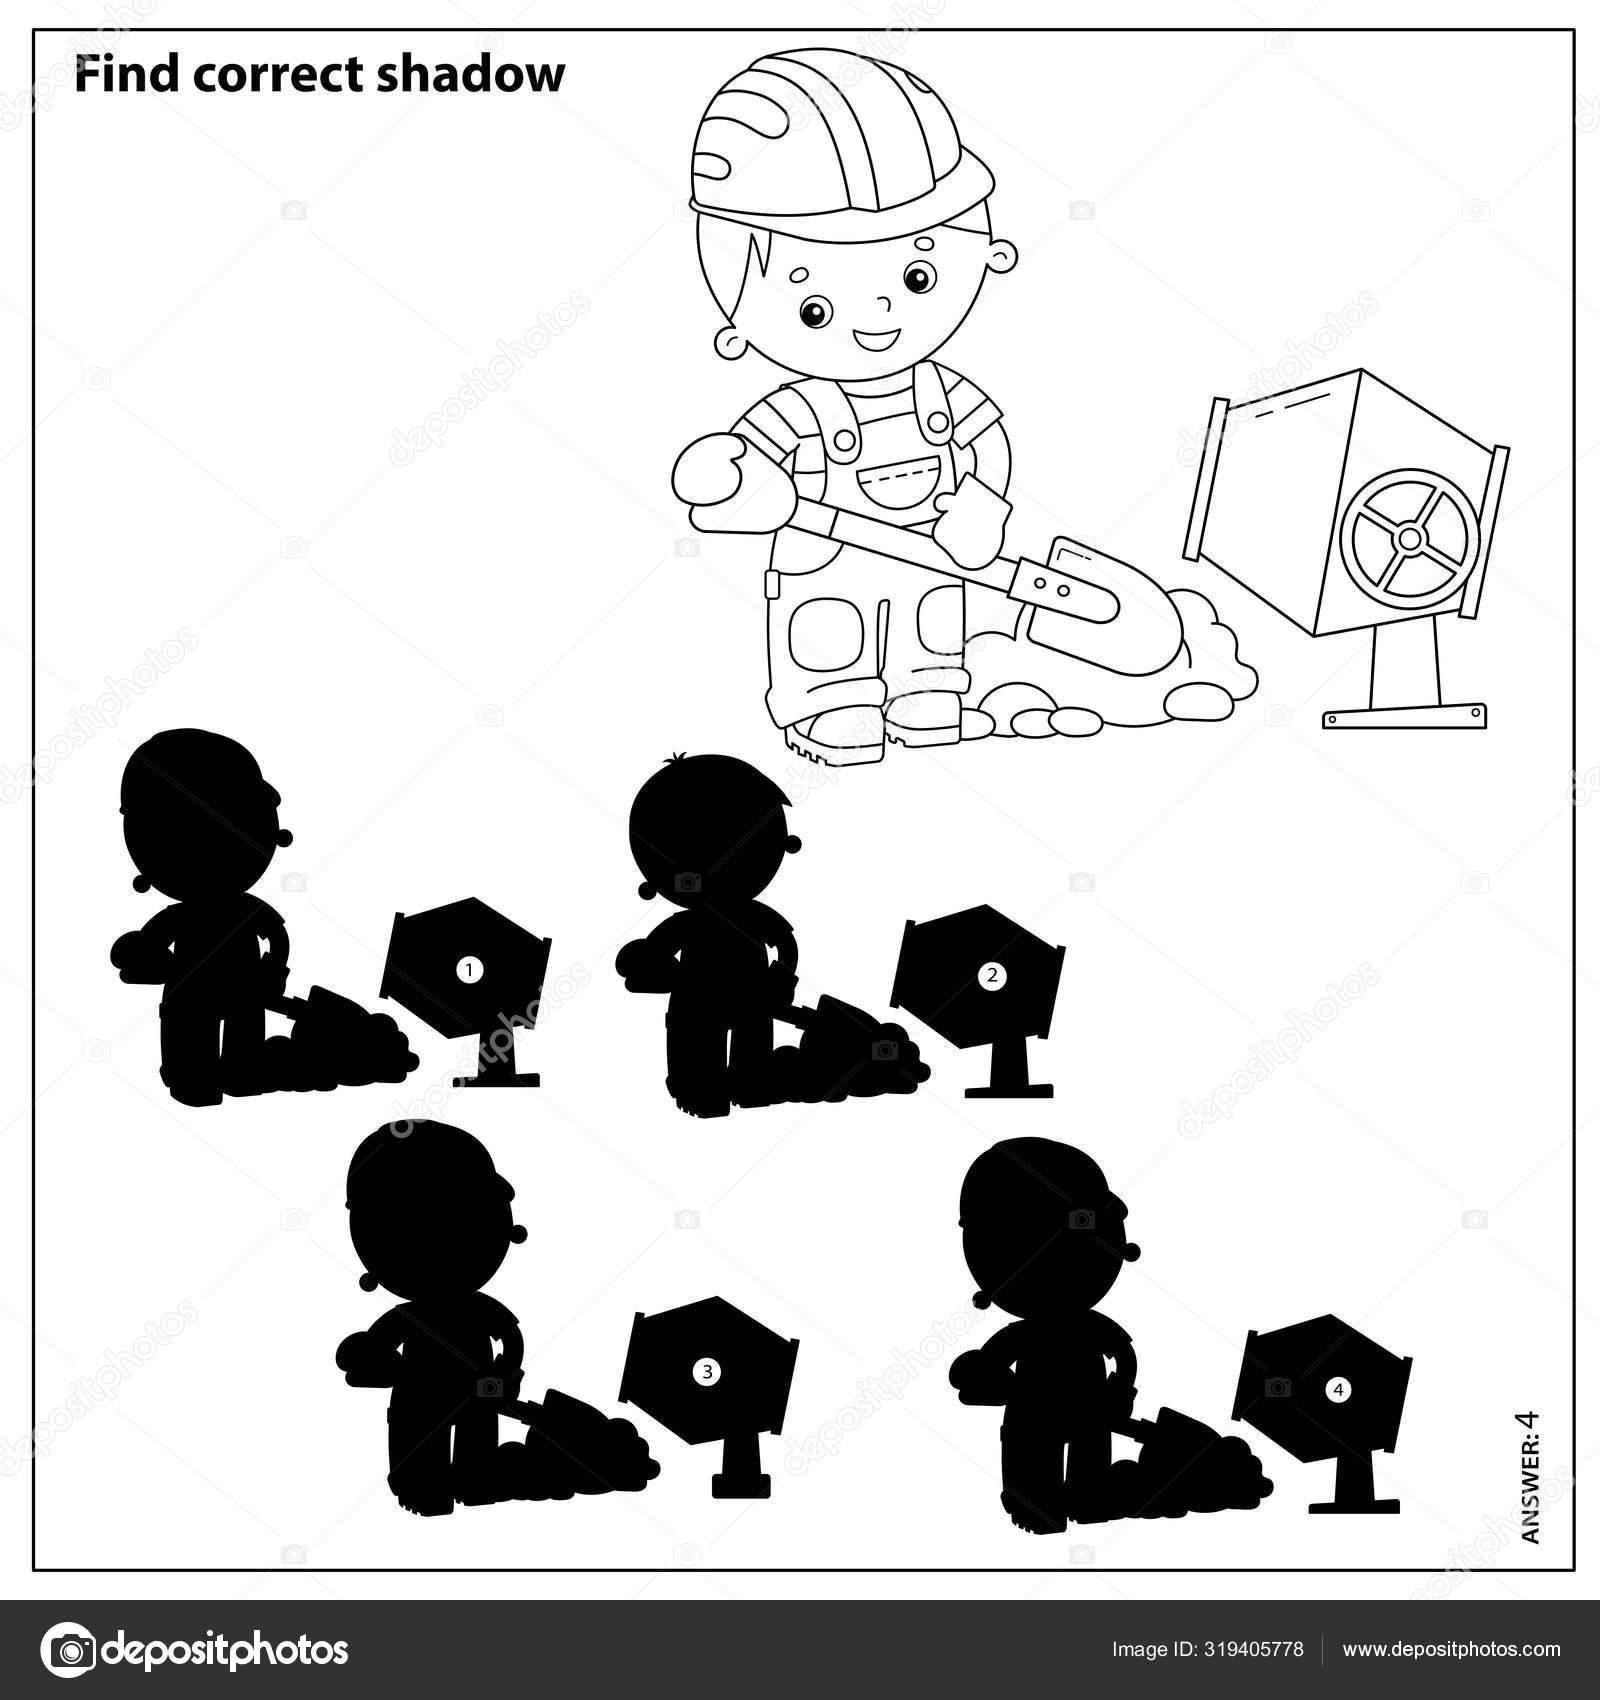 Игра с шайбой для детей. Найти правильную тень. Строитель ...